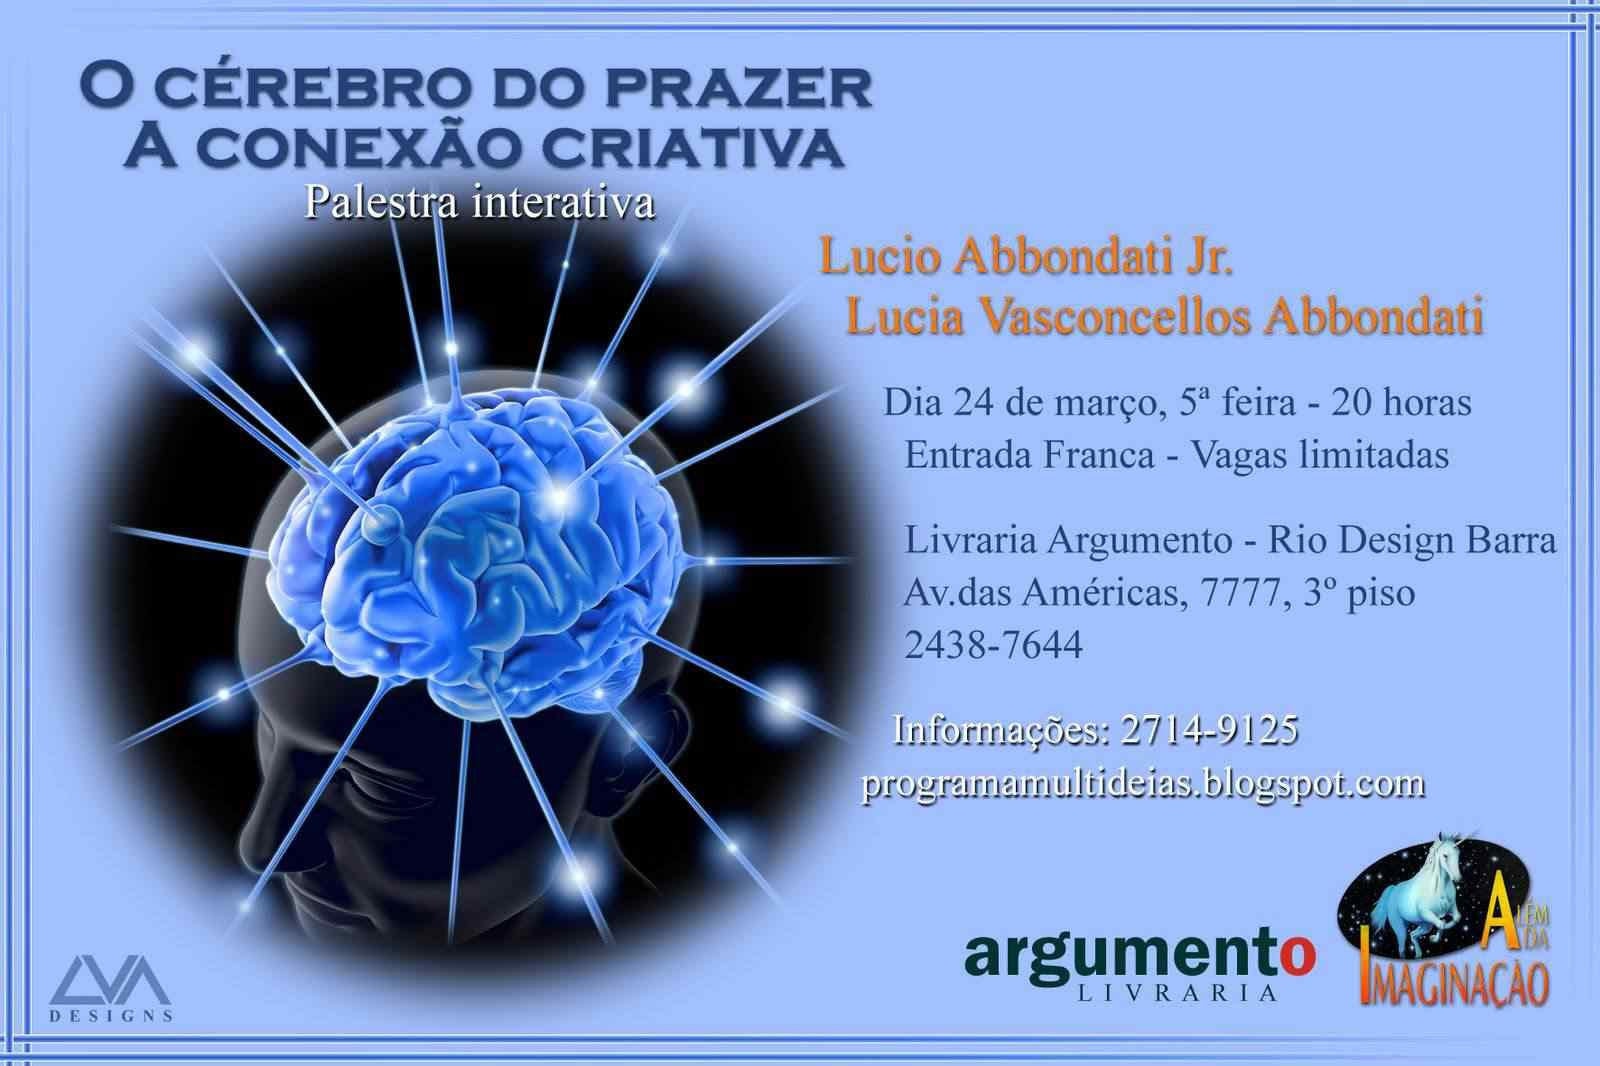 Palestra na Argumento Rio Design Dica de Palestra: O Cérebro do Prazer